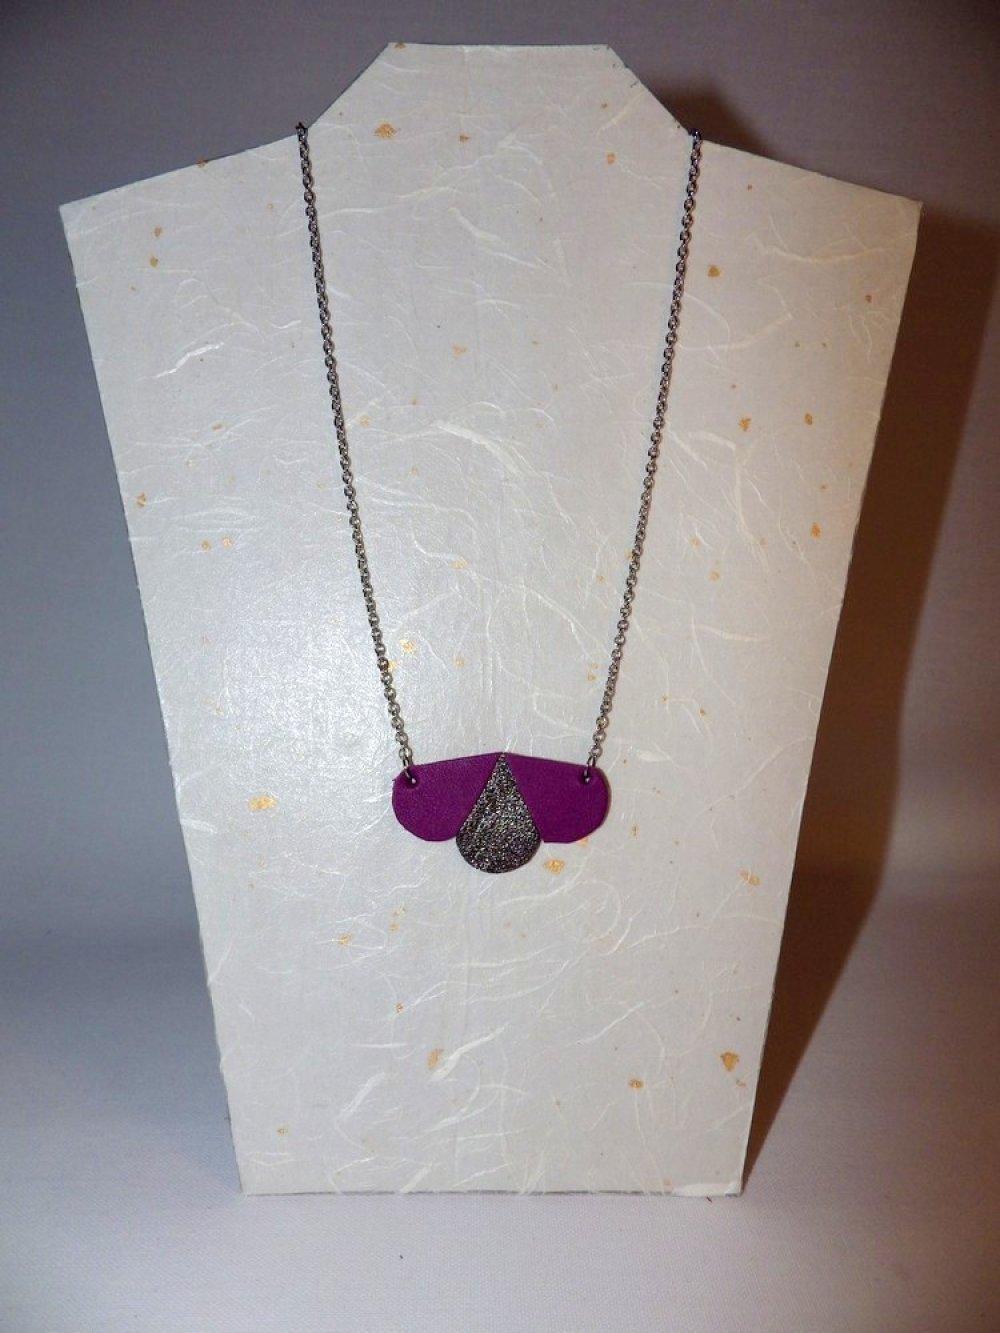 Cuir géométrique arrondi, acier inox, violet mordoré